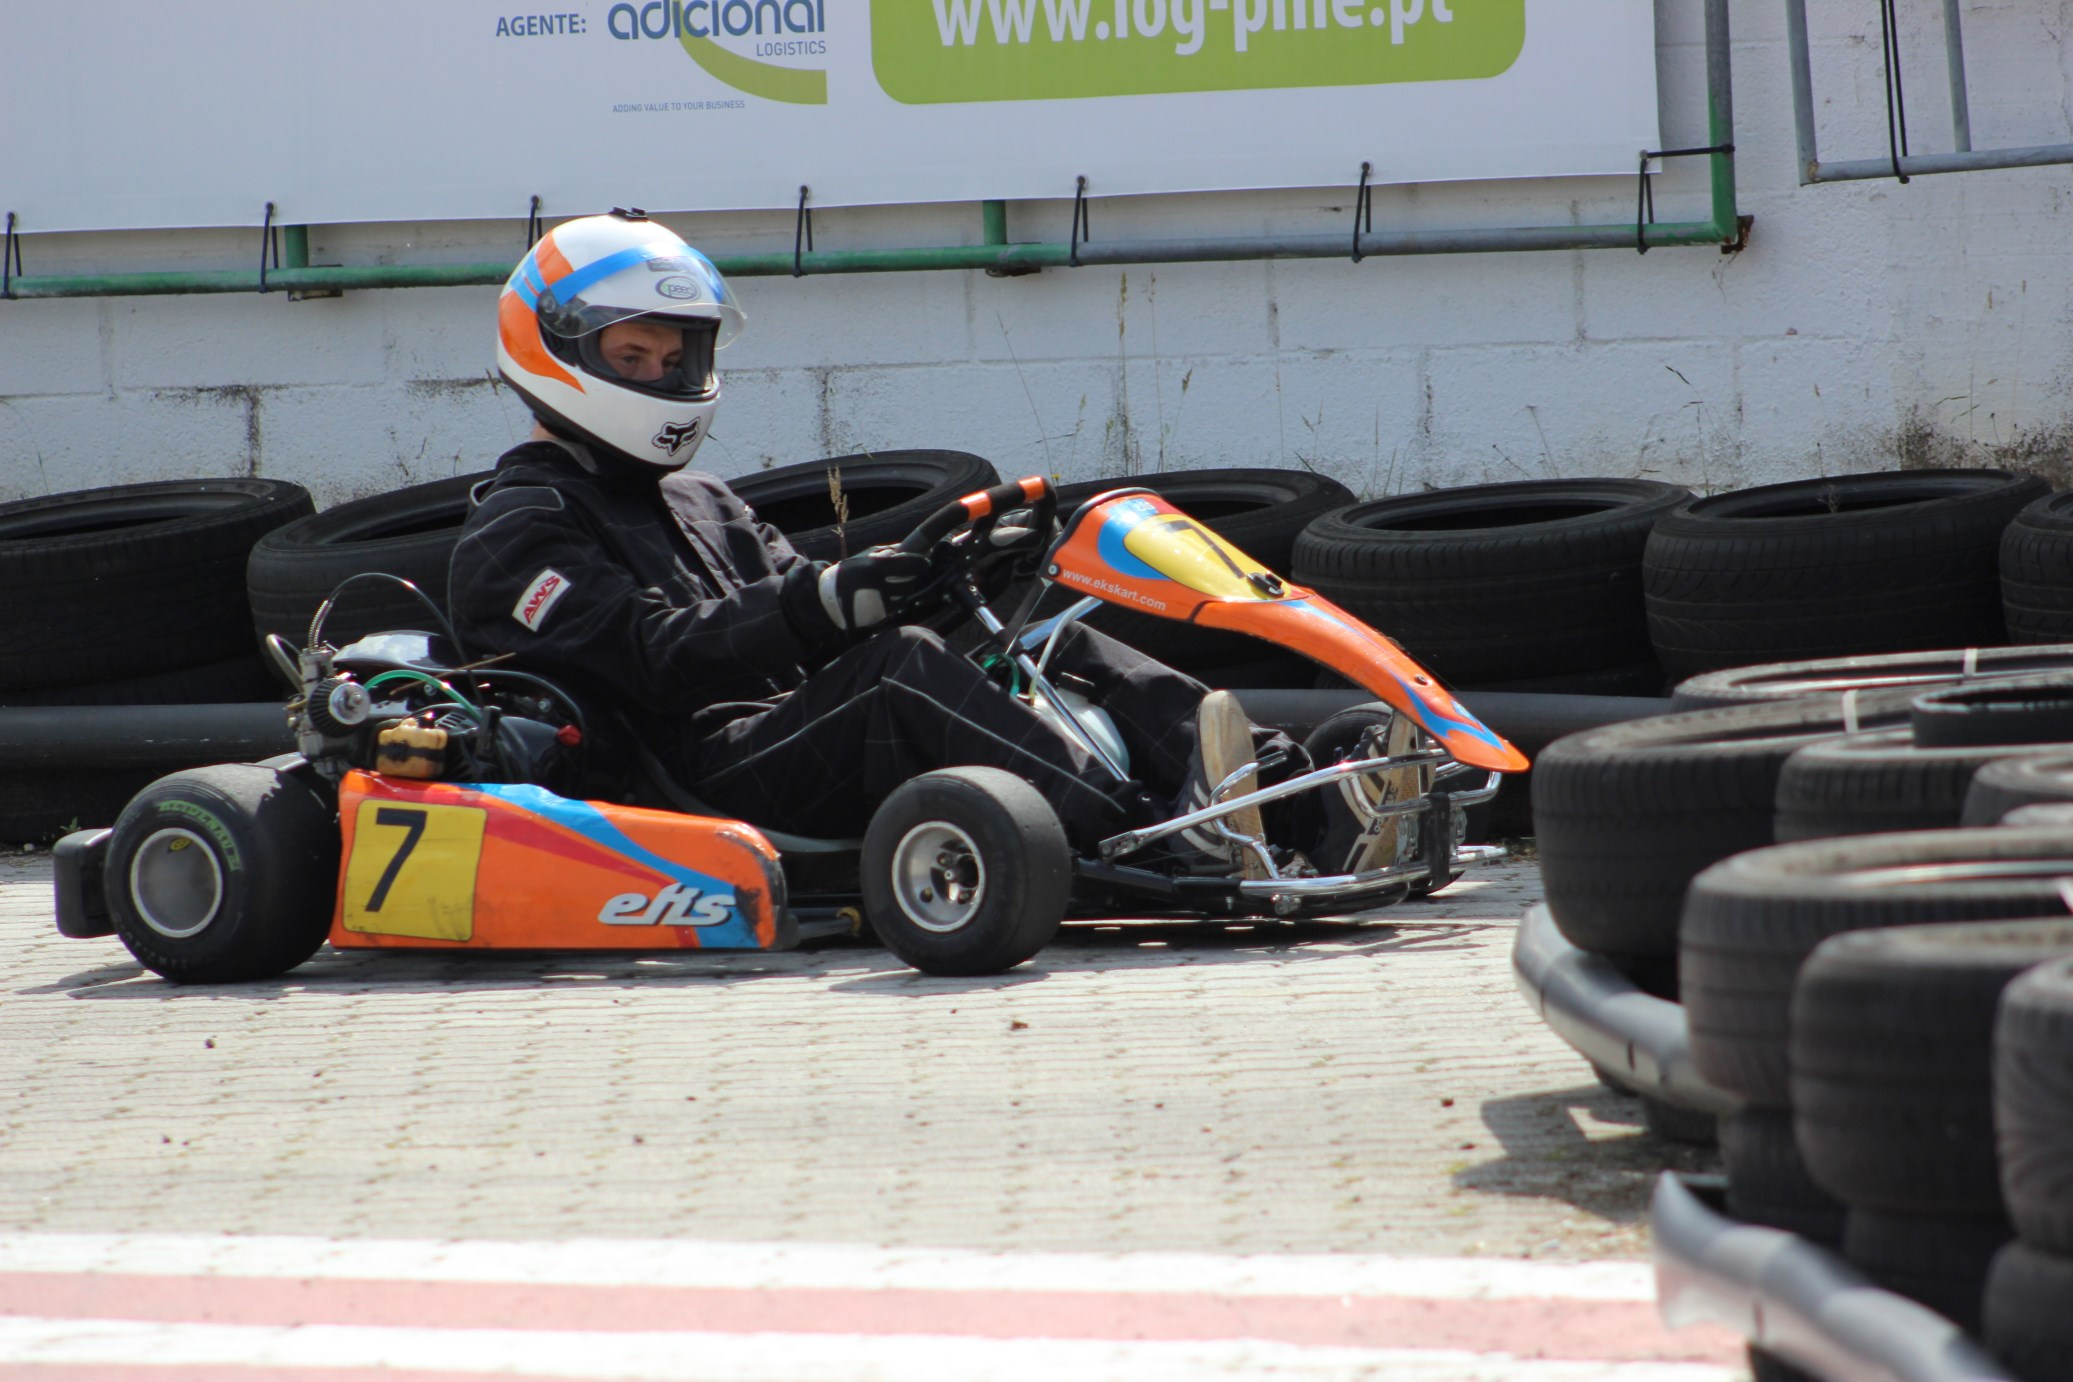 Troféu Honda 2014 - 3ª Prova169